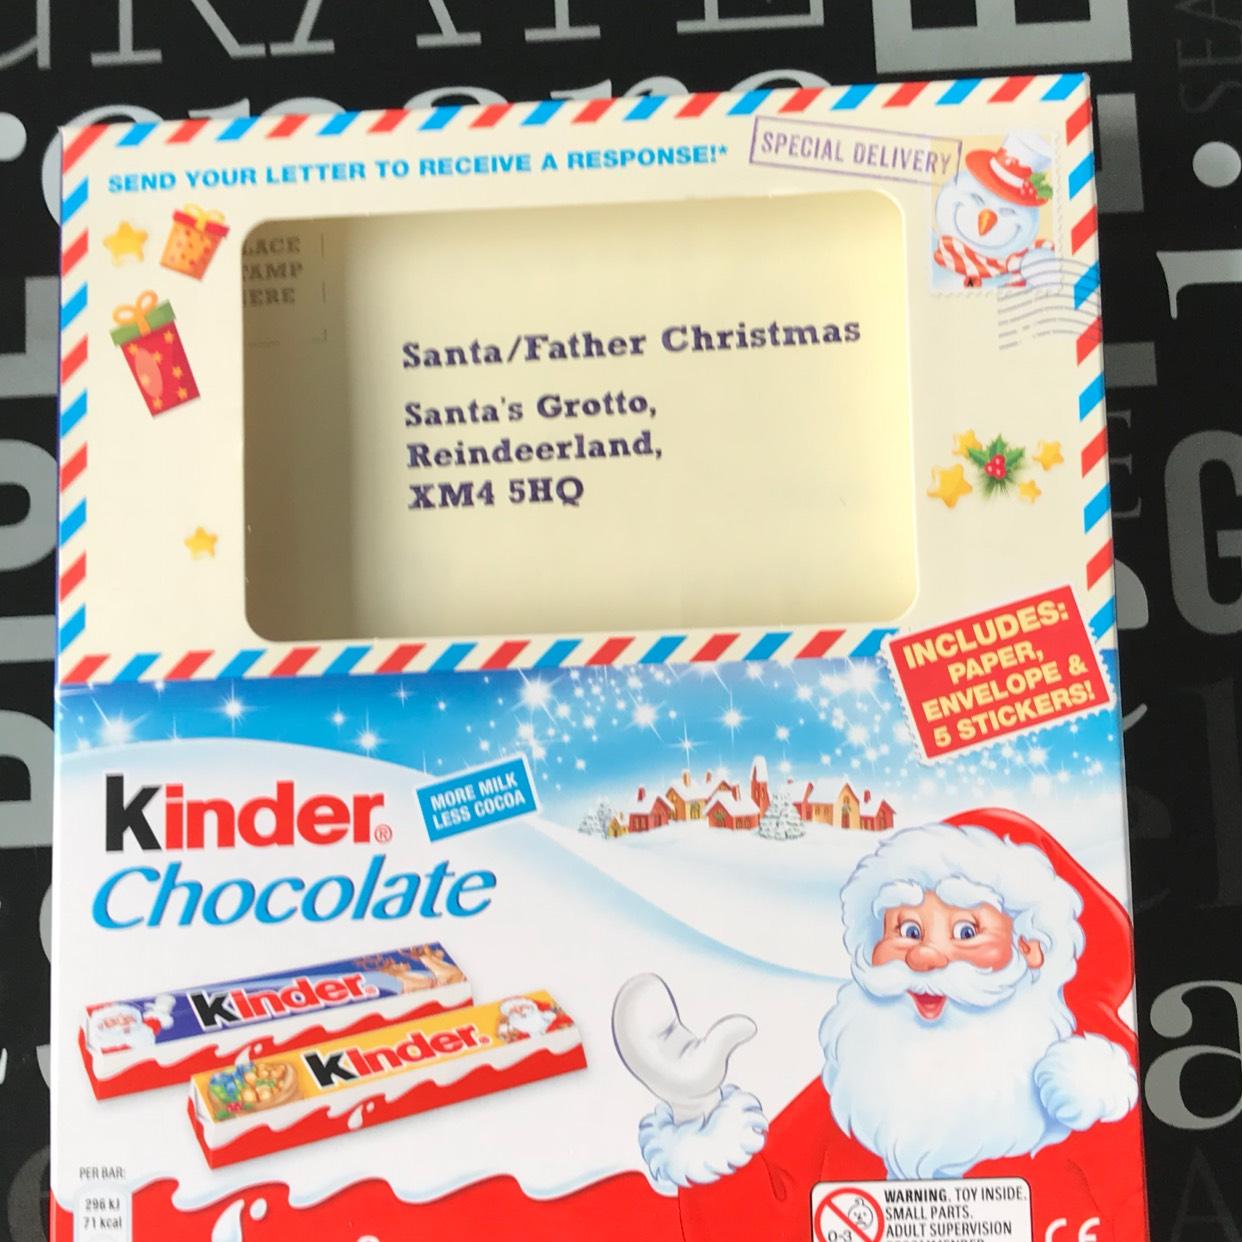 Kinder Chocolate Santa letter kit. £1 at Asda.